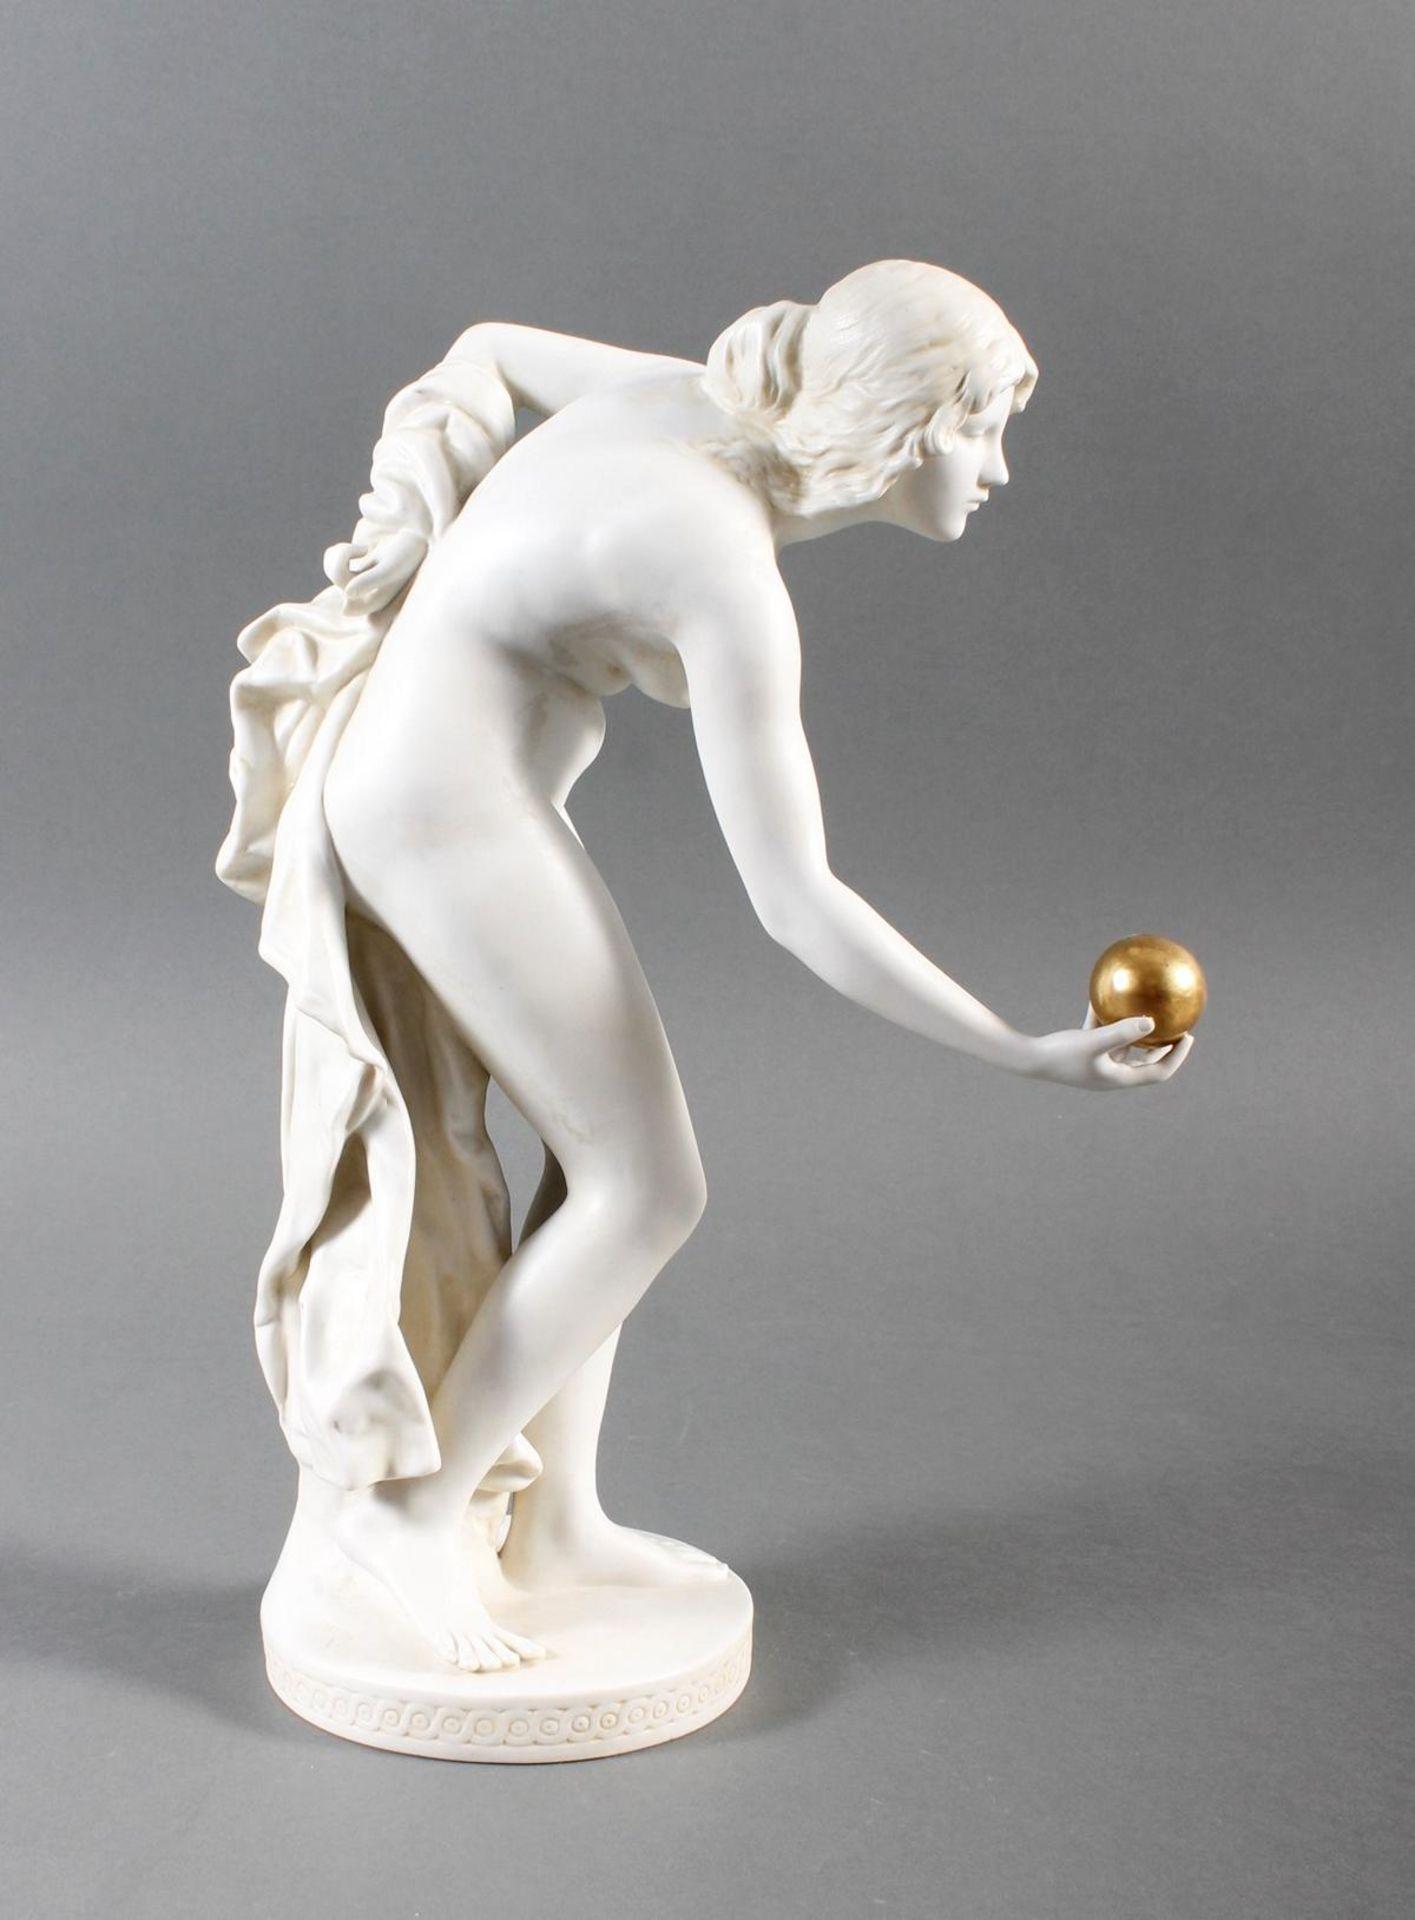 Porzellanskulptur, Kugelspielerin, Scheibe-Alsbach - Bild 3 aus 15